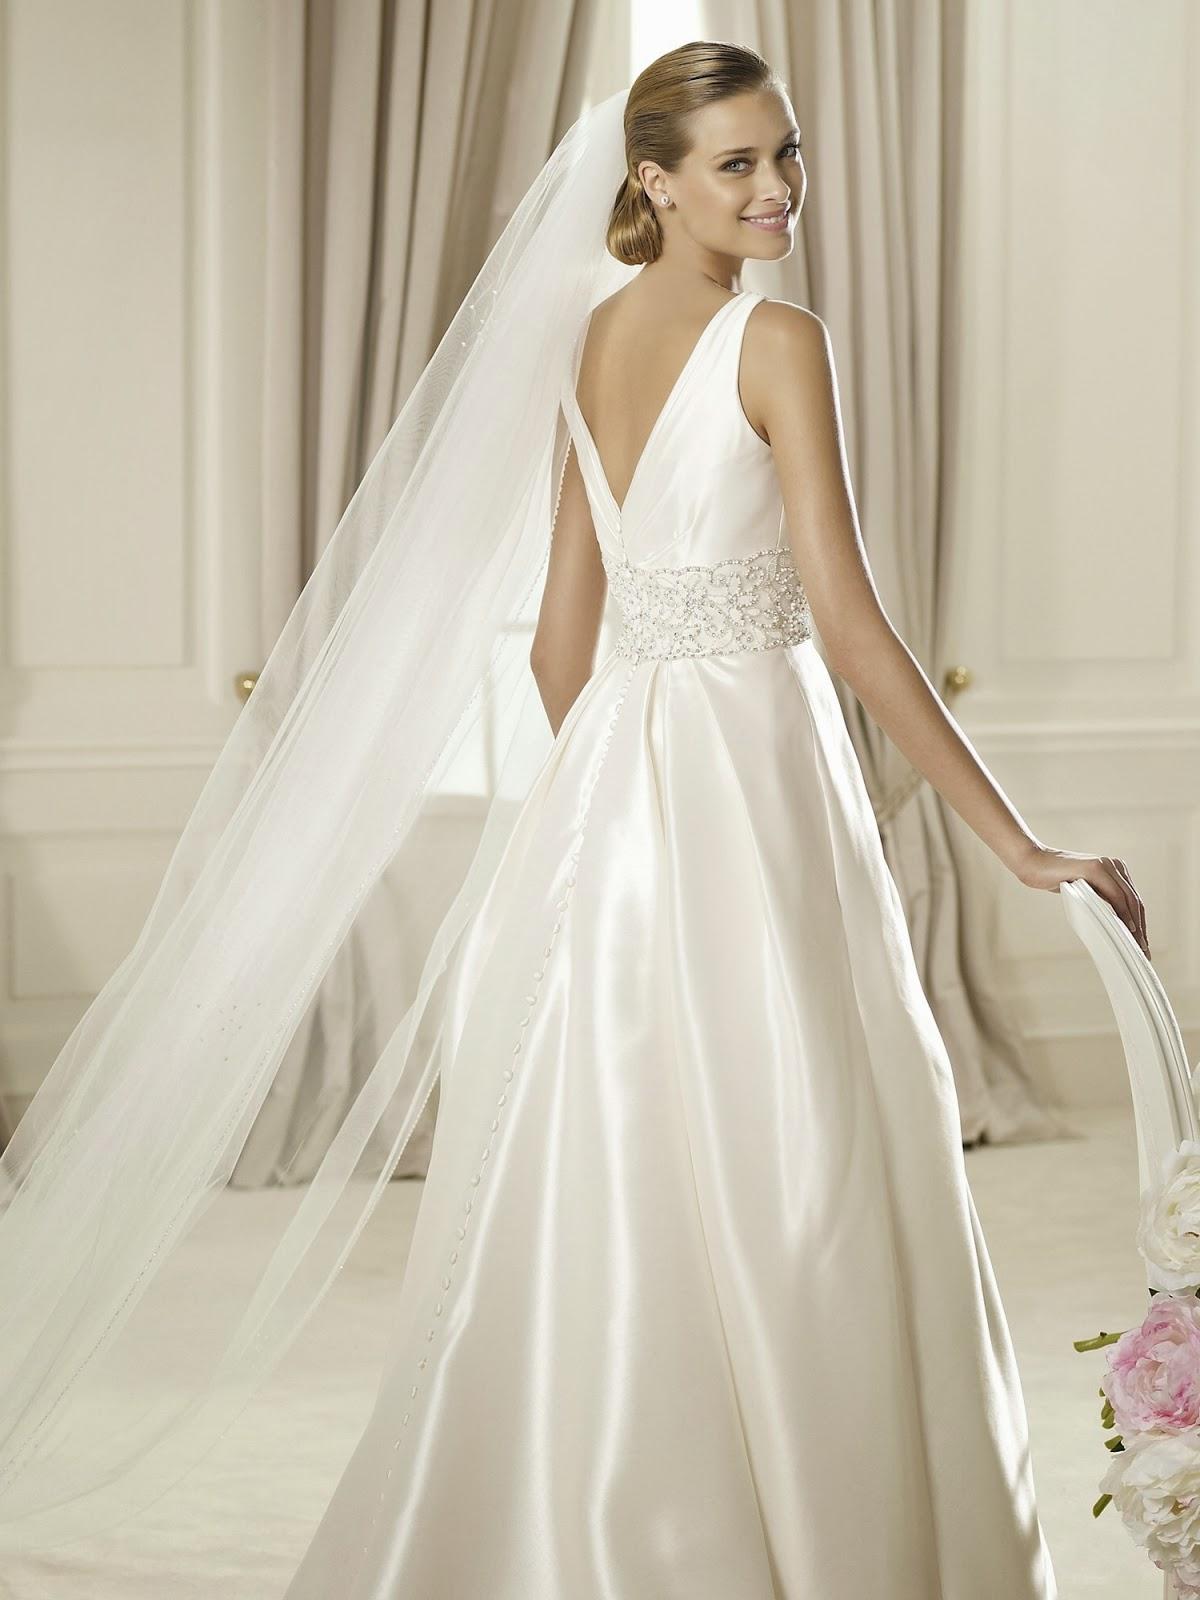 c05bb27a42 Wedding Gown Alterations Austin Tx – DACC